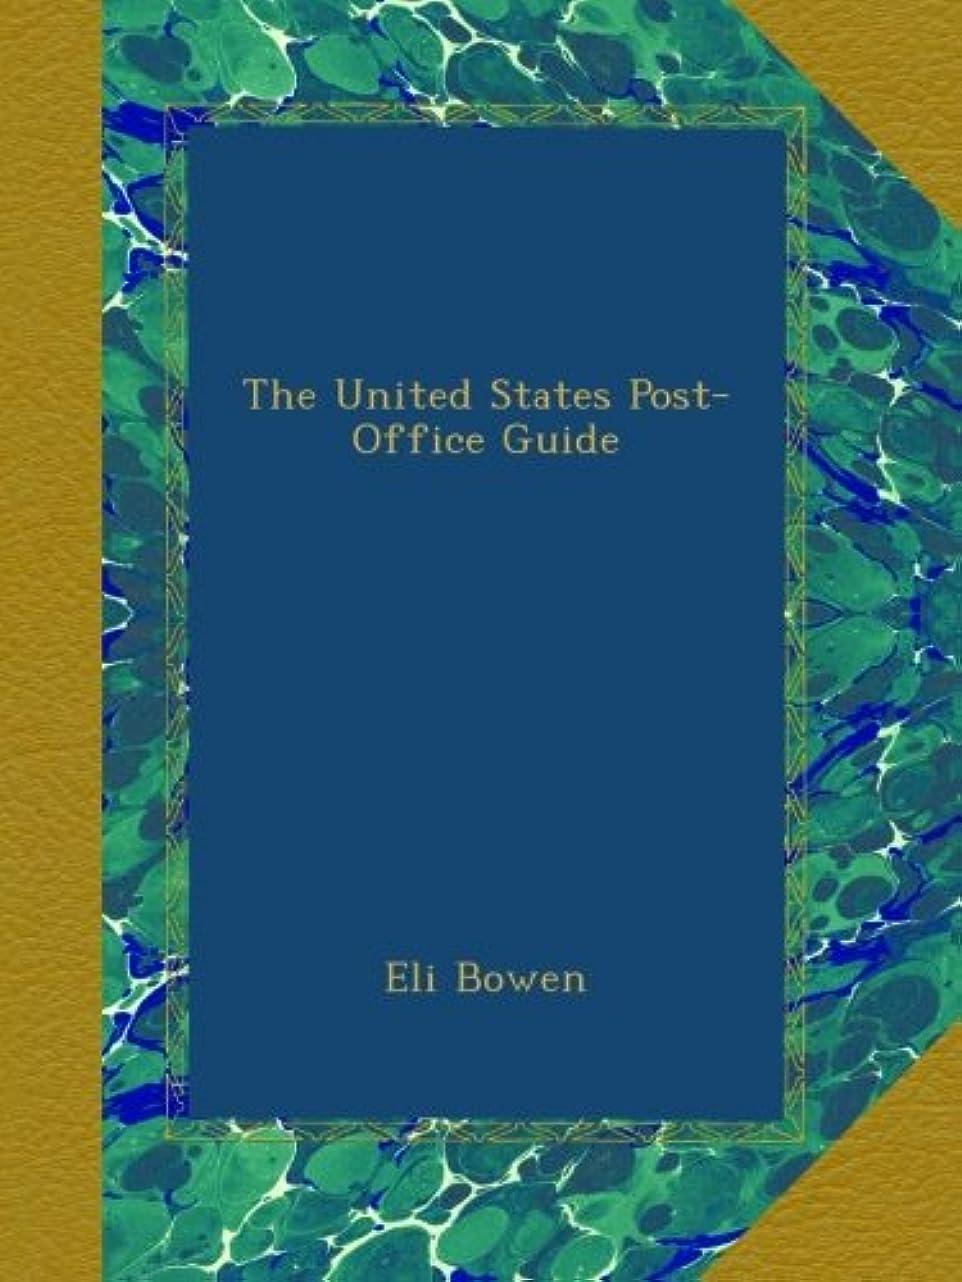 またねファブリック援助するThe United States Post-Office Guide